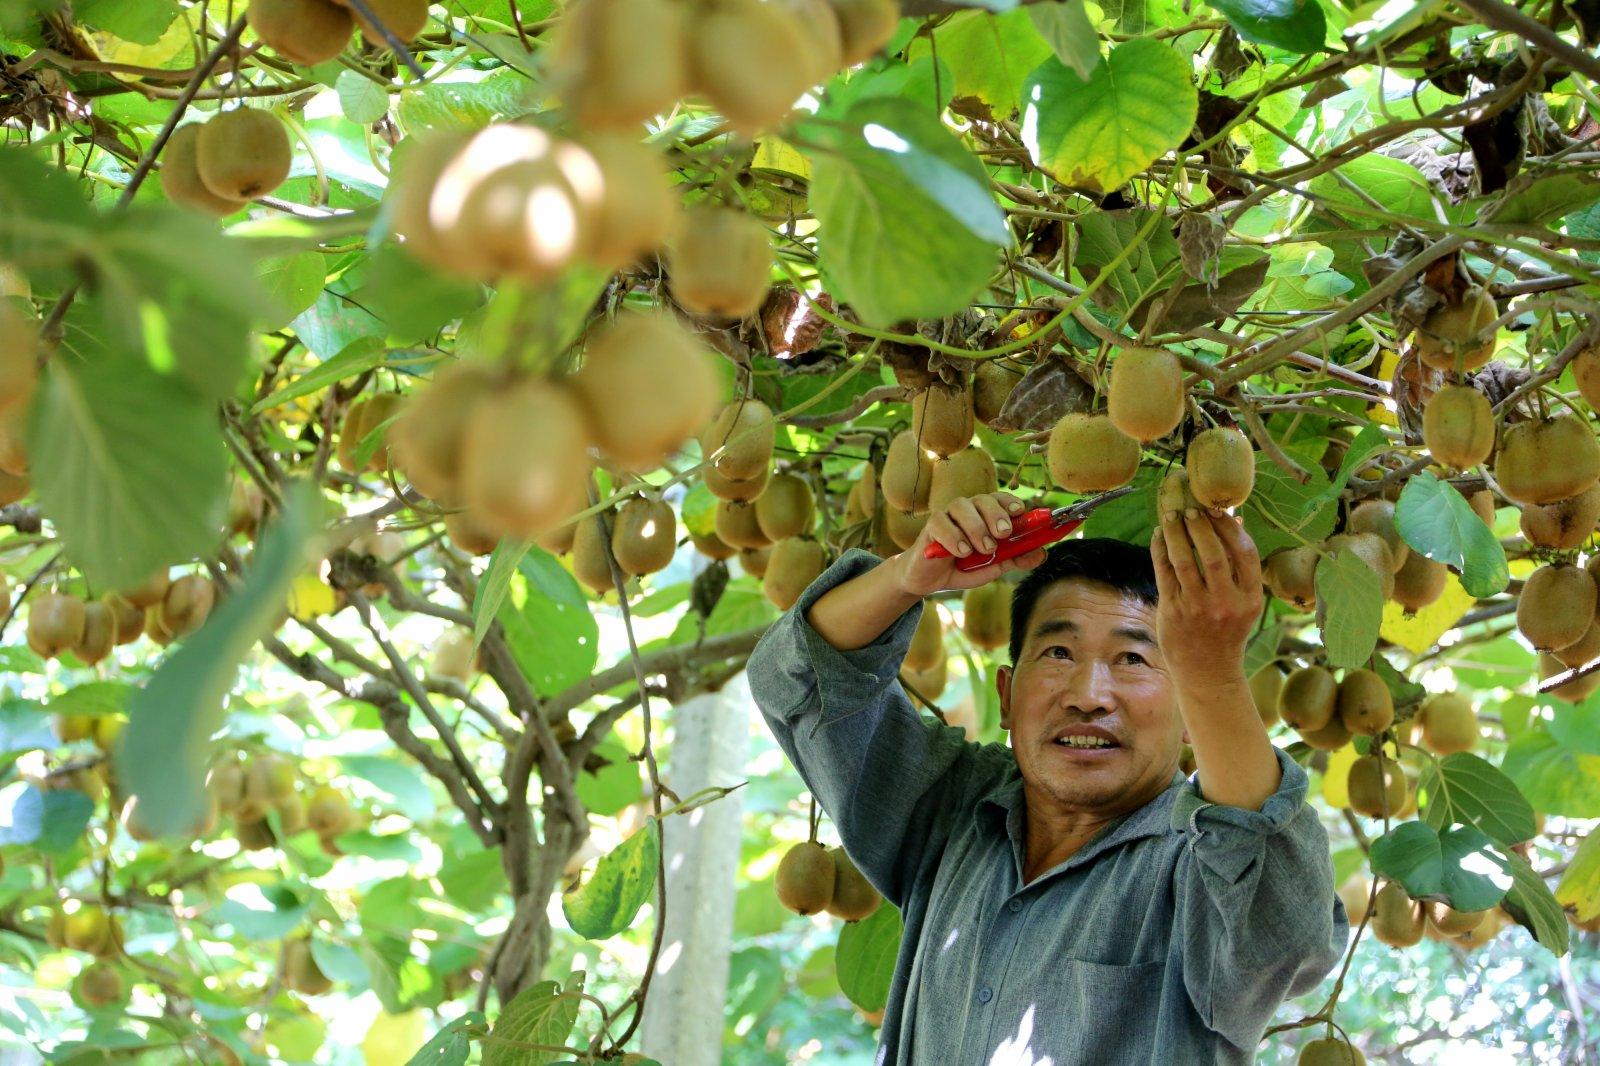 9月7日,山東省棗莊市市中區齊村鎮農民在果園採摘獼猴桃。(新華社)